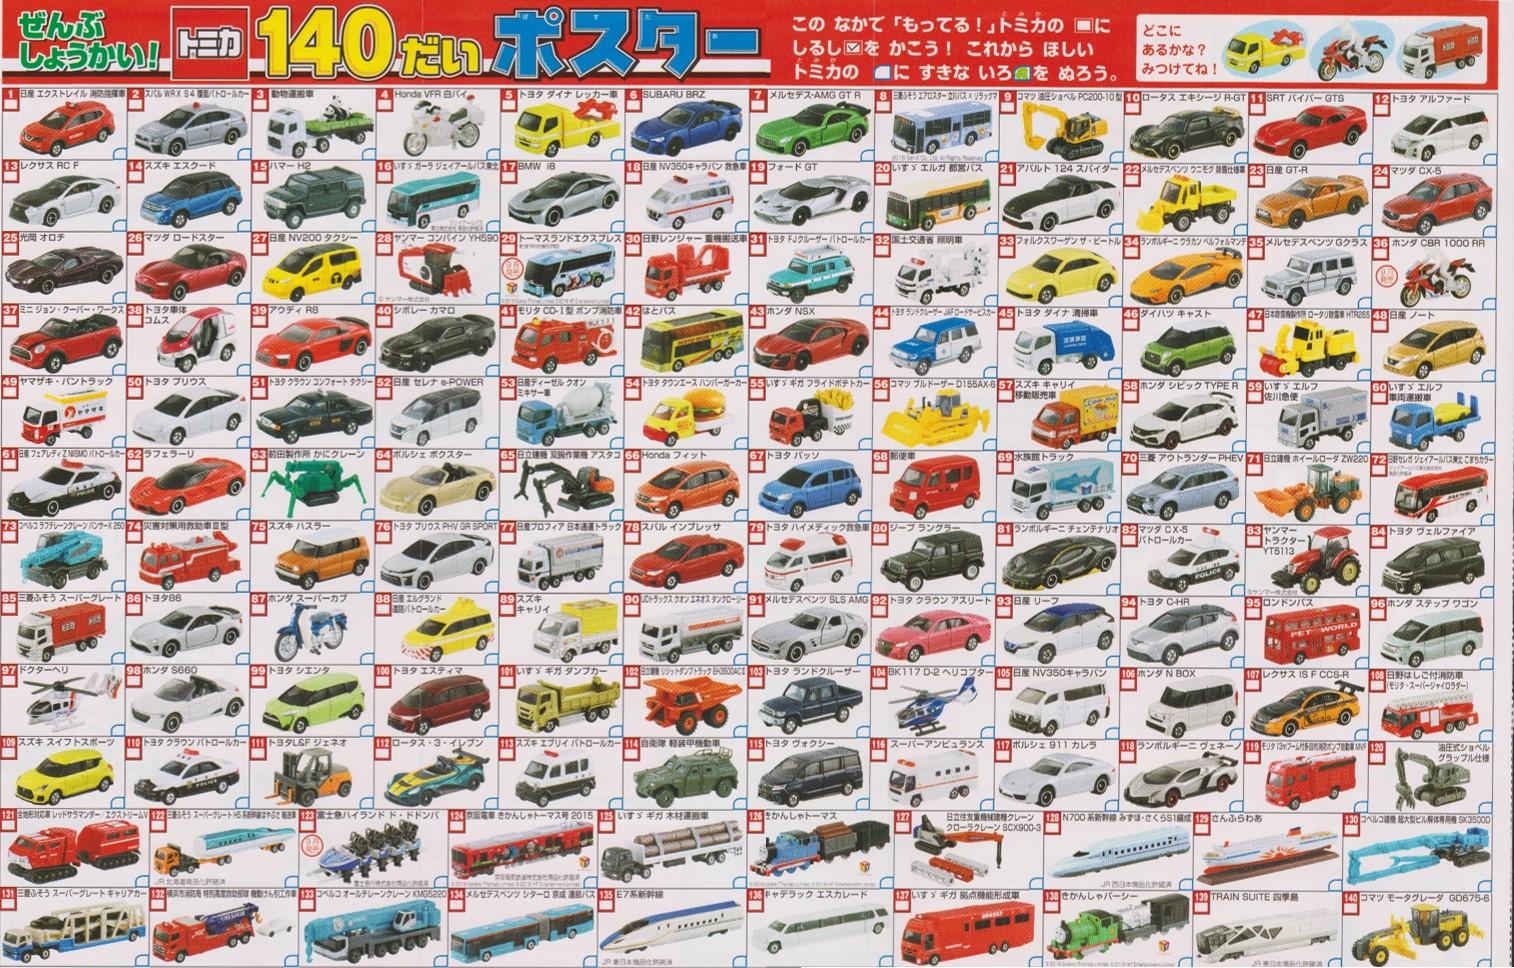 トミカ140台の紹介ポスター 様々な車がありますね ^ ^